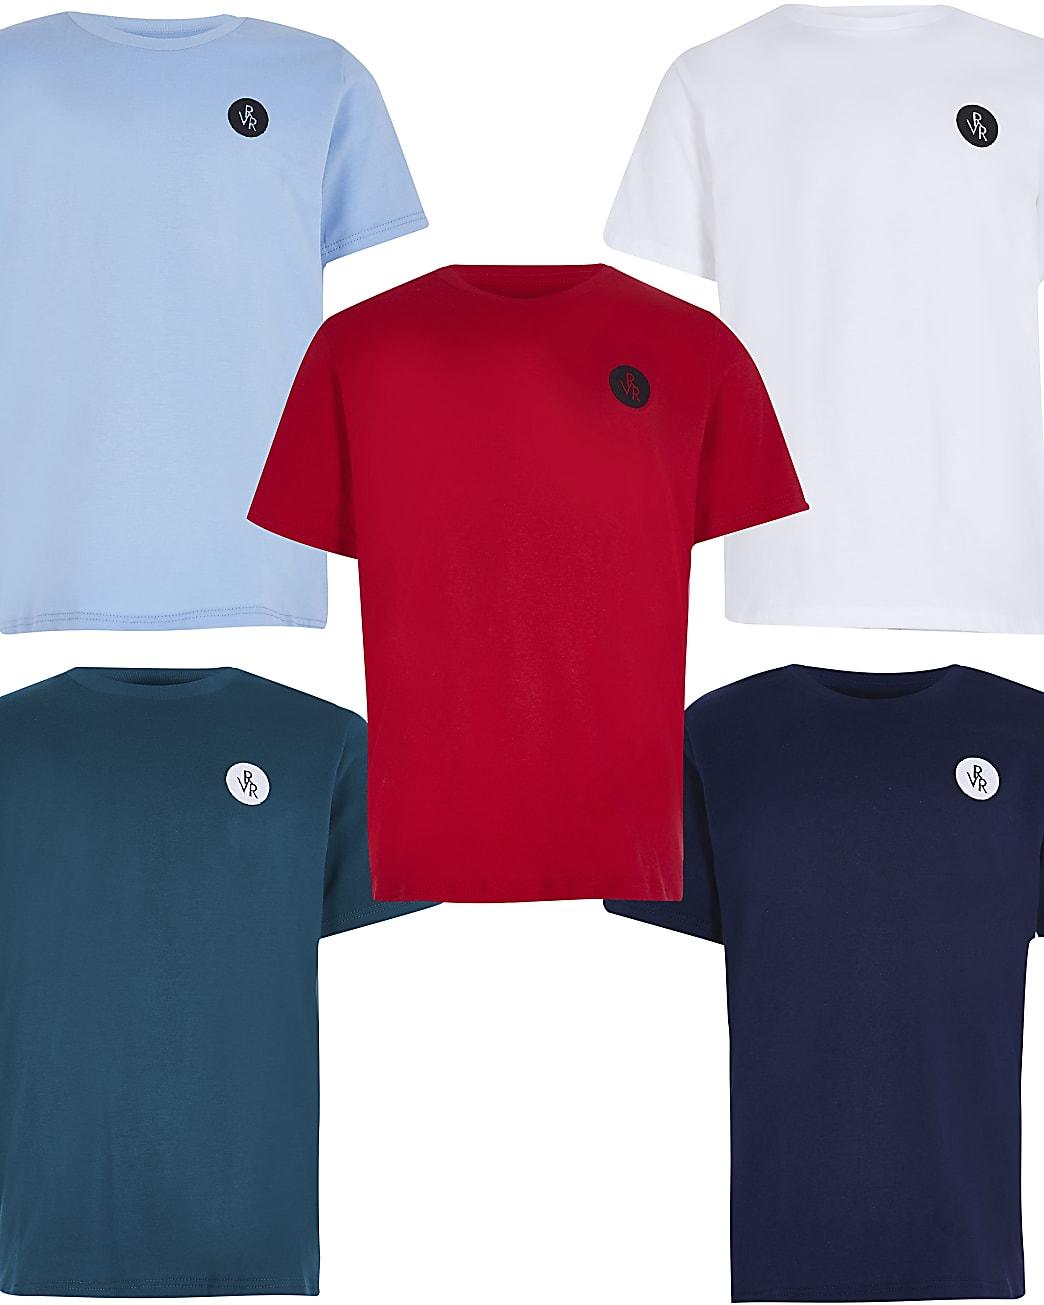 Boys red RVR t-shirts 5 pack